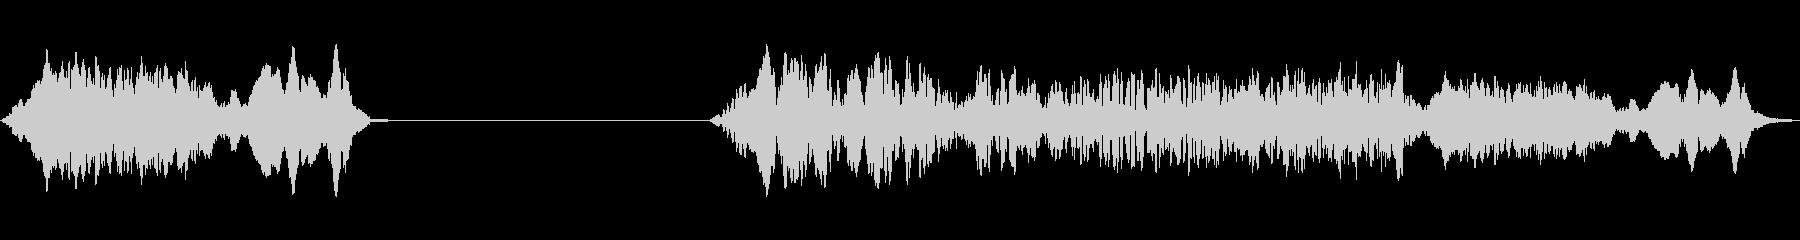 スピリット:ホラーウェール、ホラー...の未再生の波形